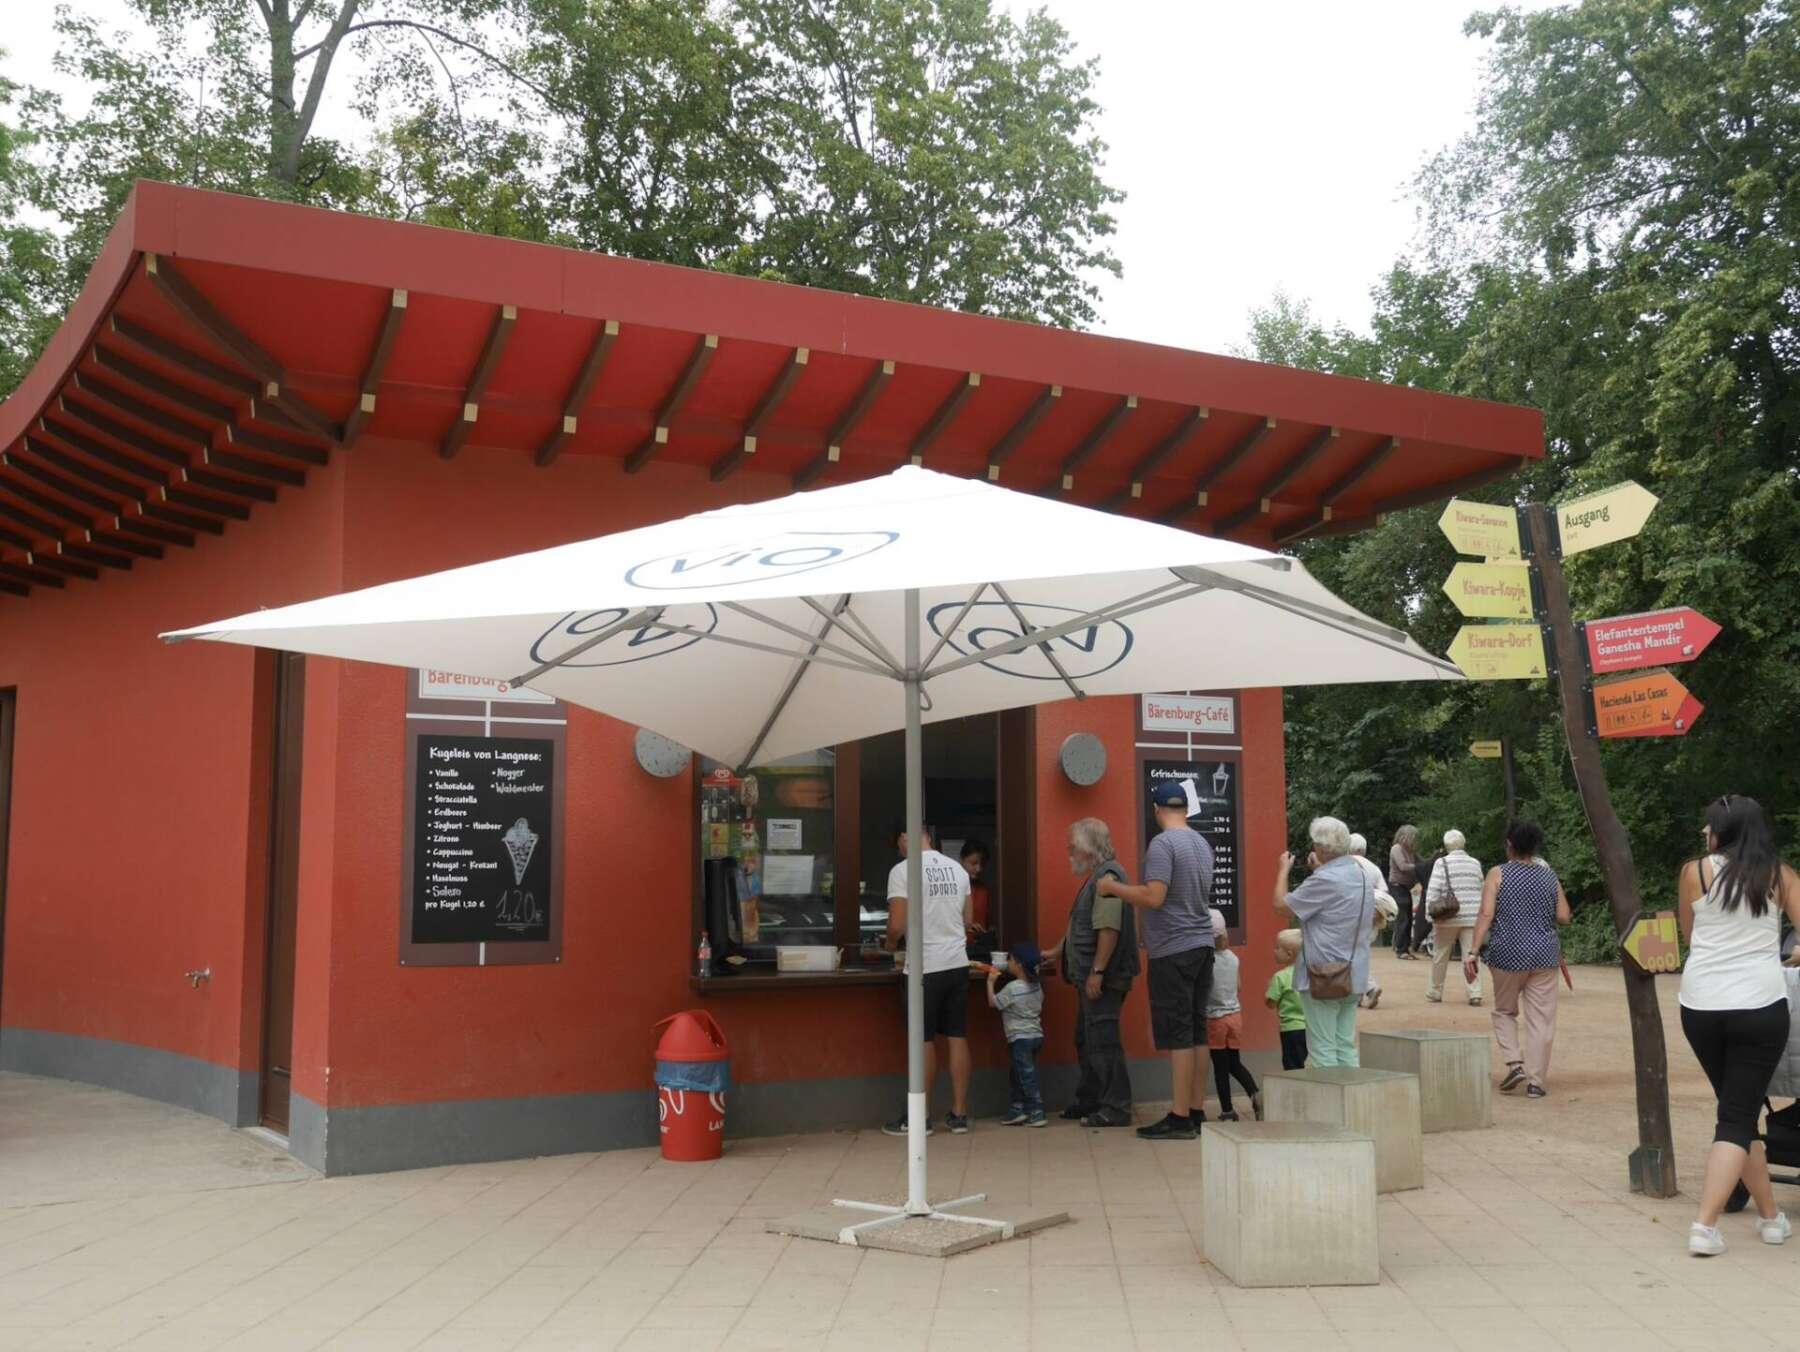 สวนสัตว์ไลพ์ซิช (Zoo Leipzig) ของกิน